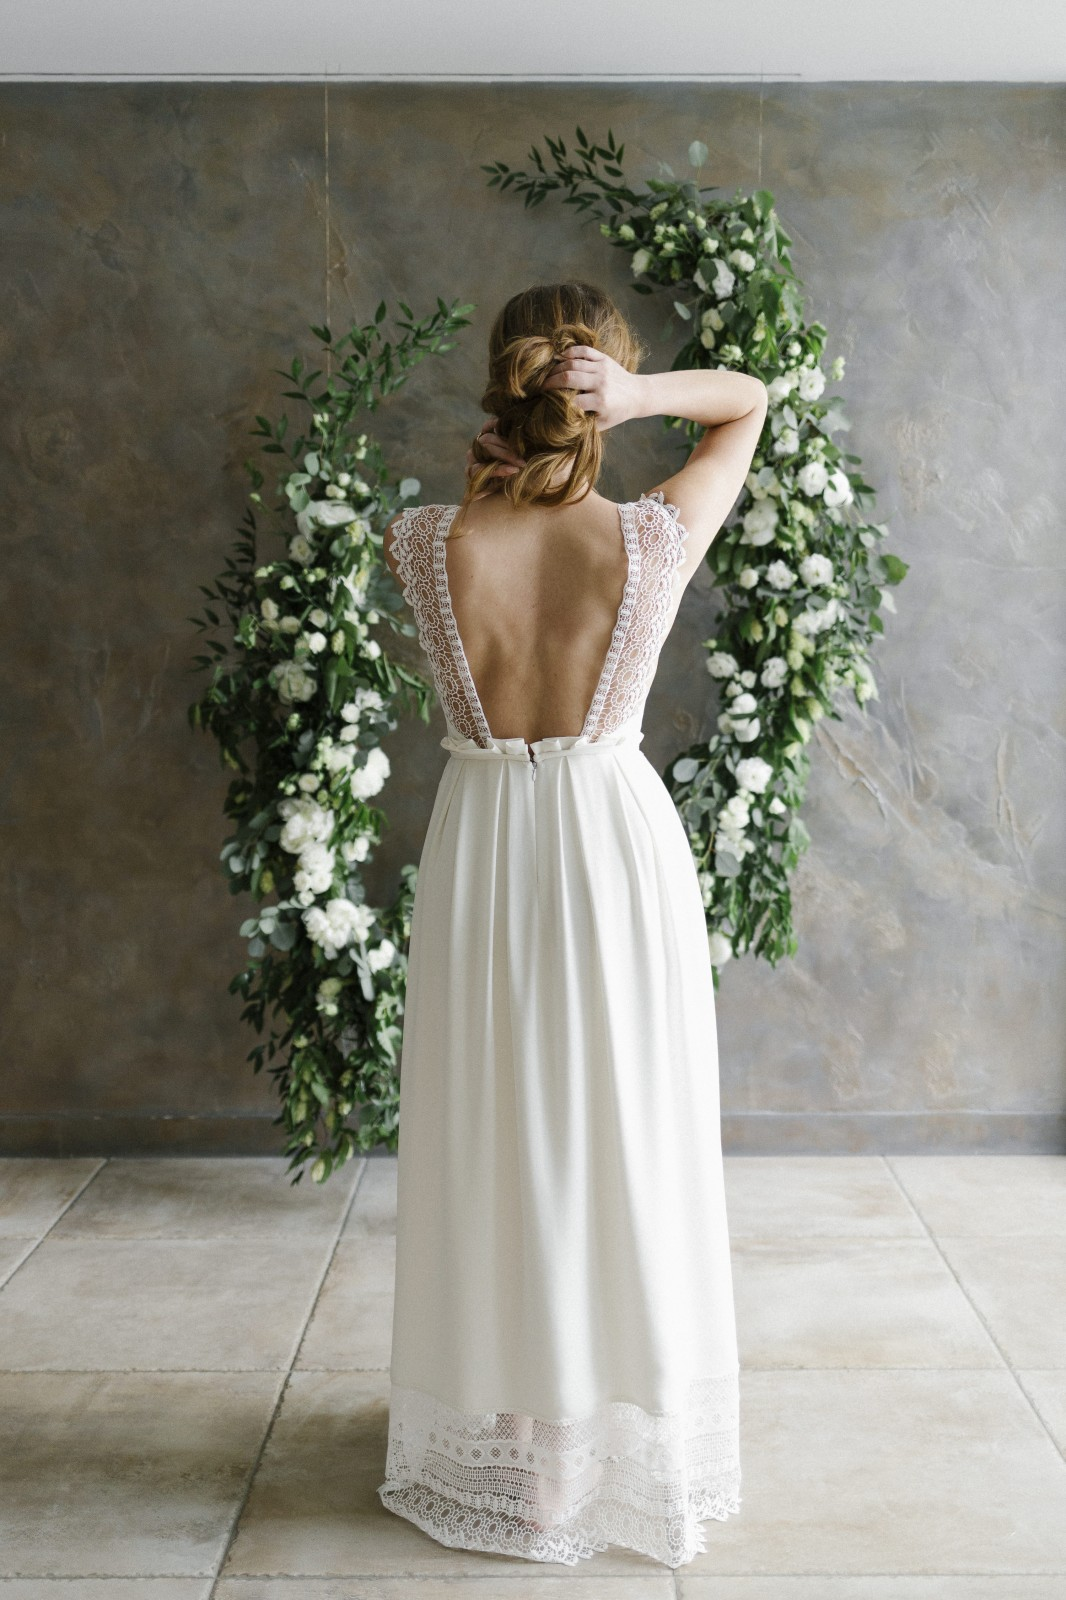 Le joli dos nu de cette robe ecoresponsable.